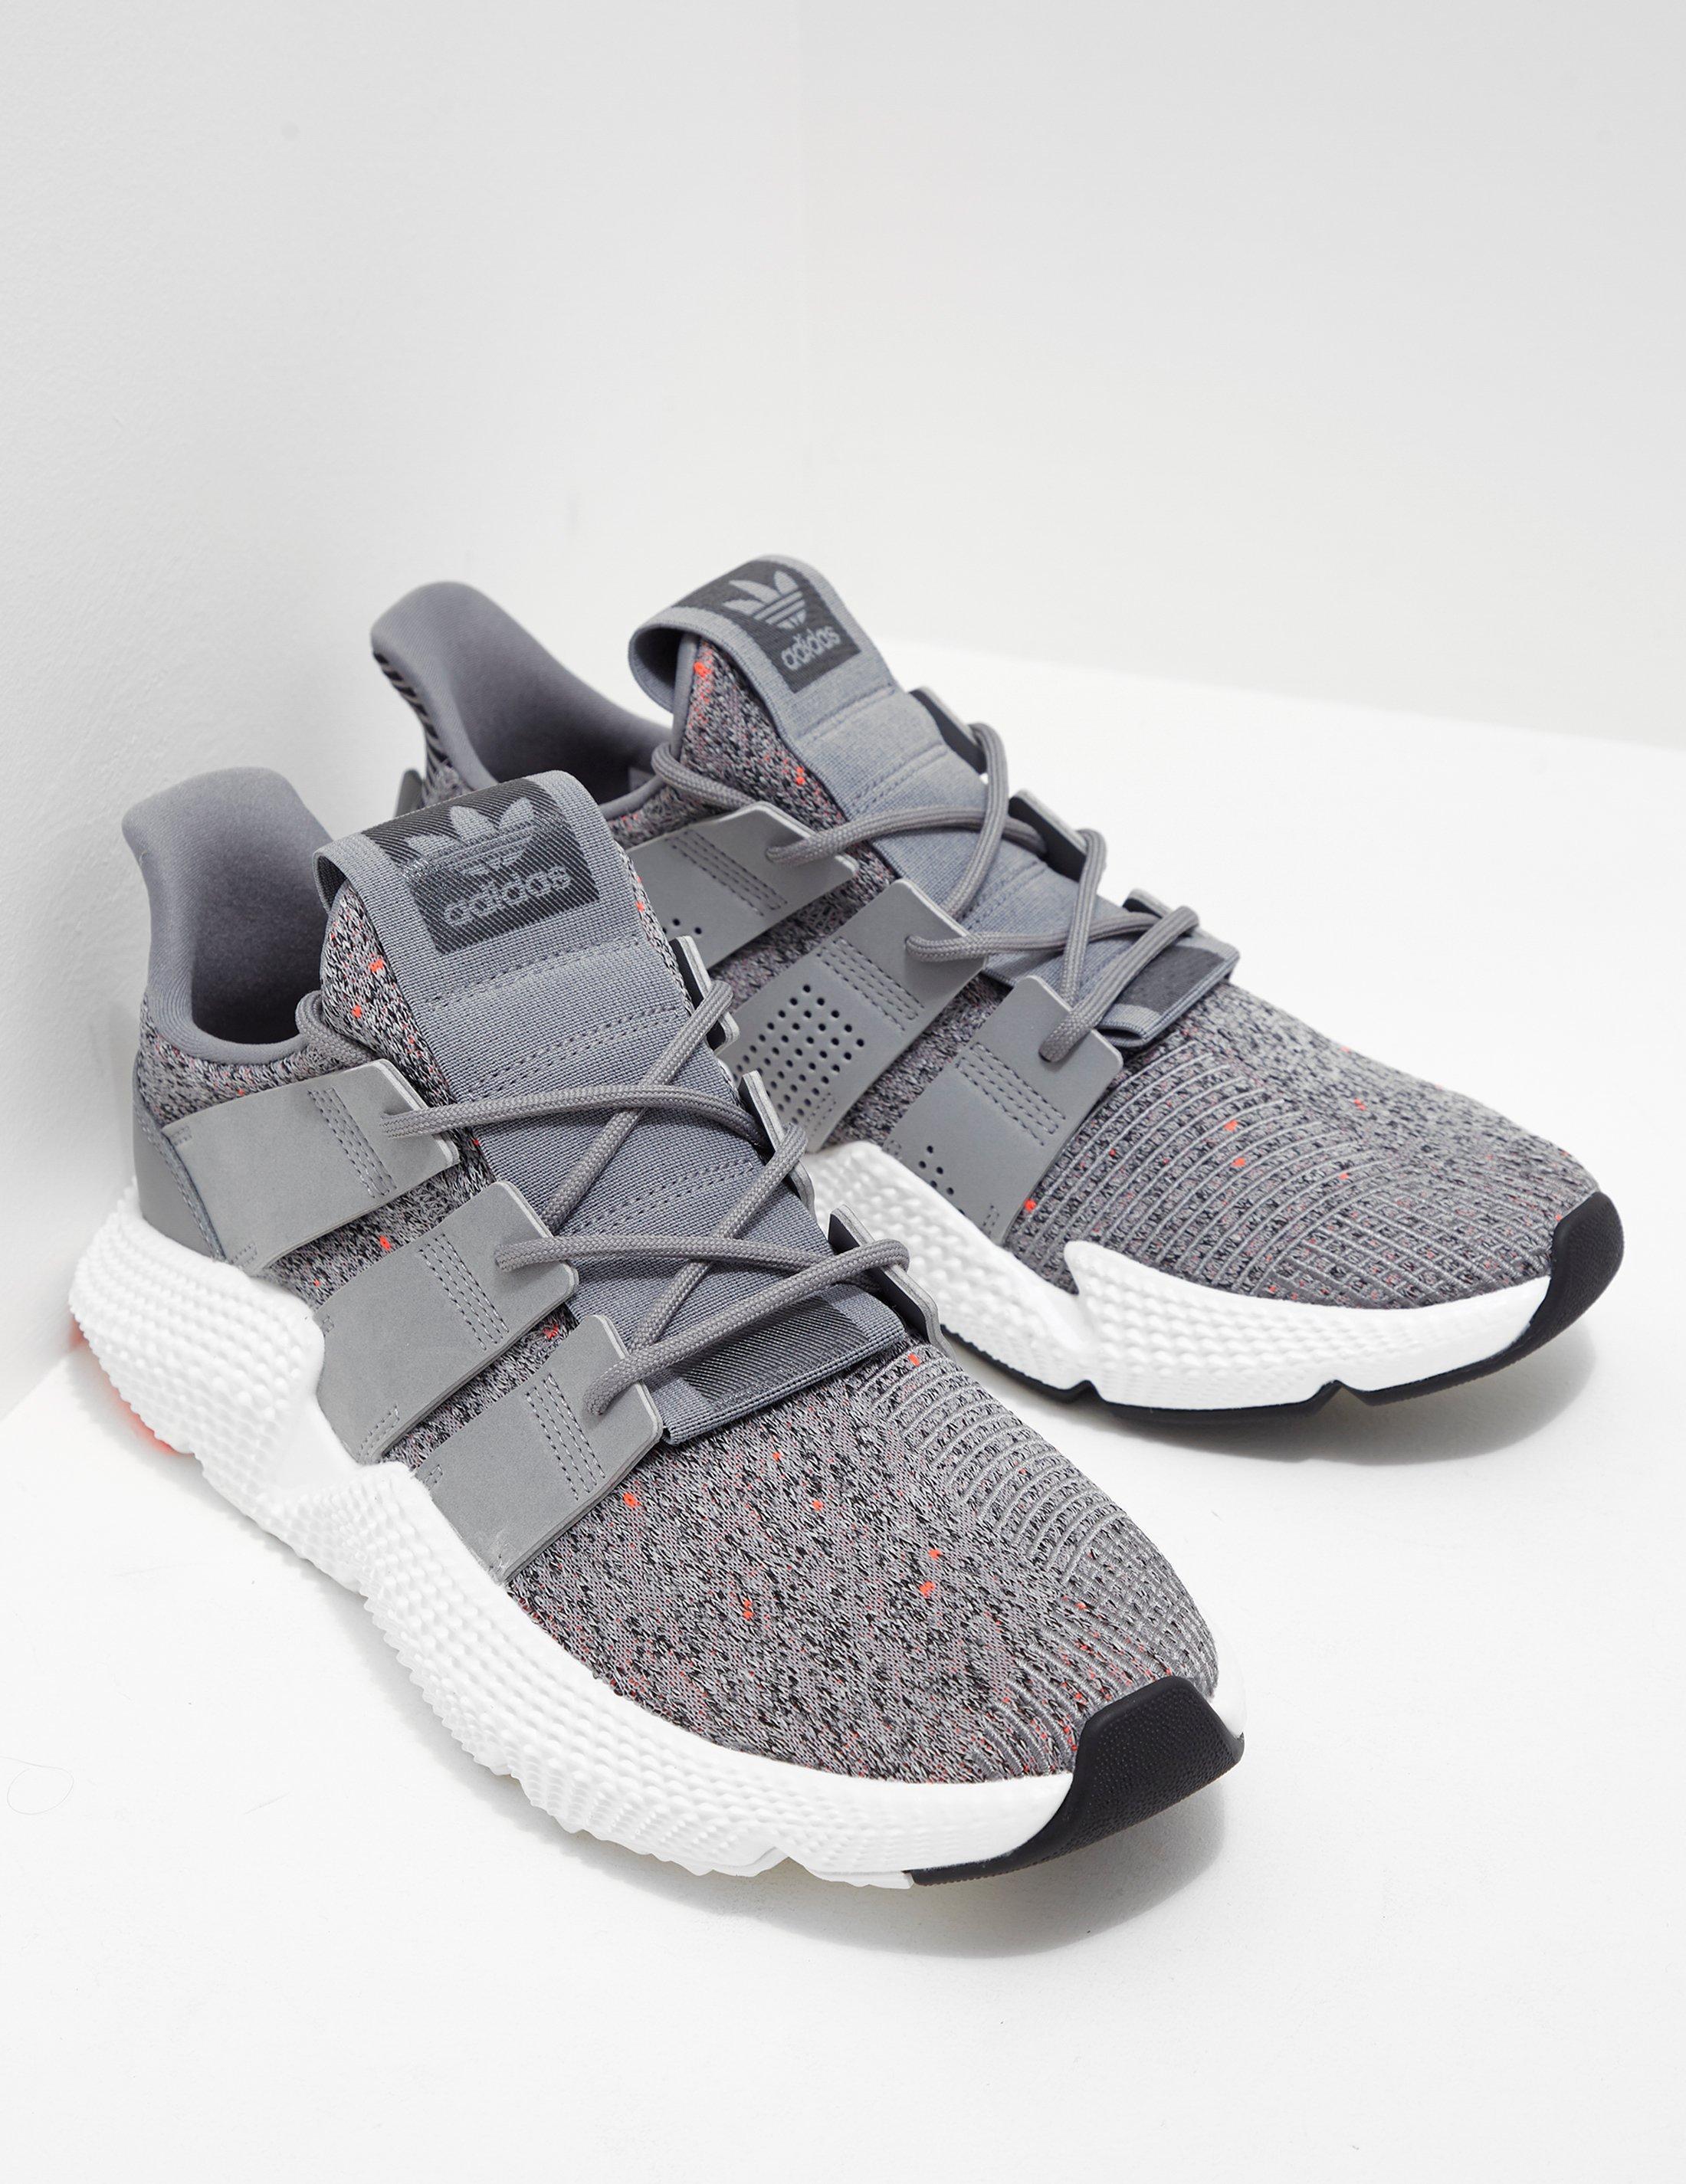 fa8381f78708f adidas Originals Mens Prophere Grey in Gray for Men - Lyst